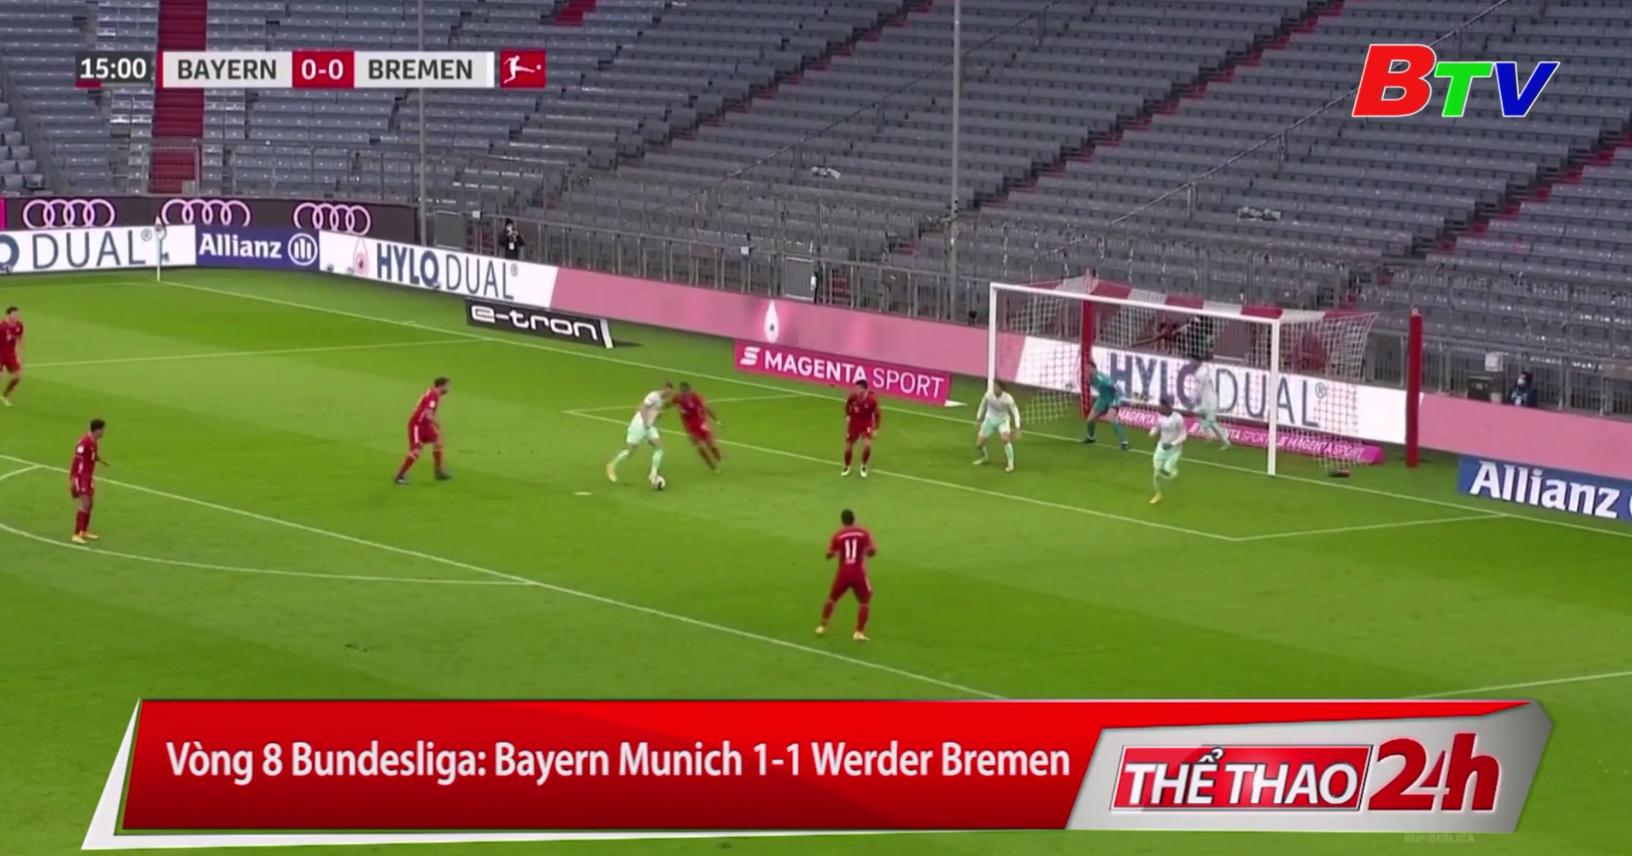 Vòng 8 Bundesliga – Bayern Munich 1-1 Werder Bremen